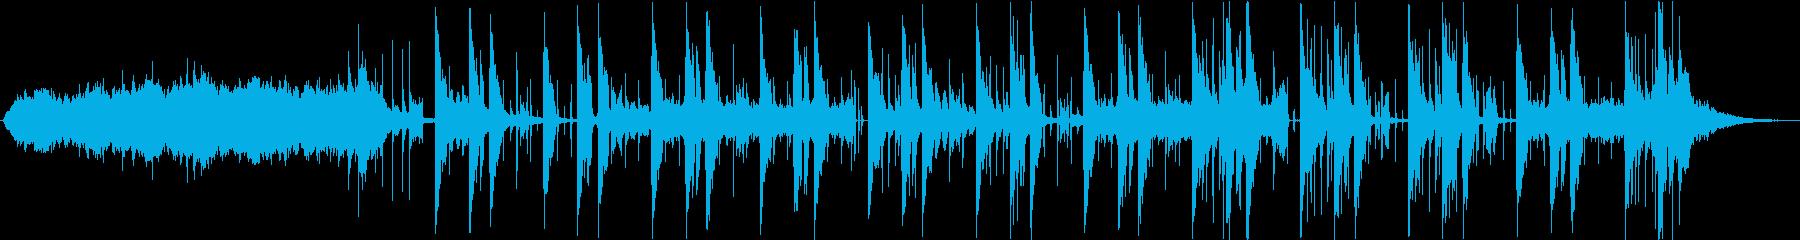 短縮版】EDM チル 落ち着き 切なさ の再生済みの波形